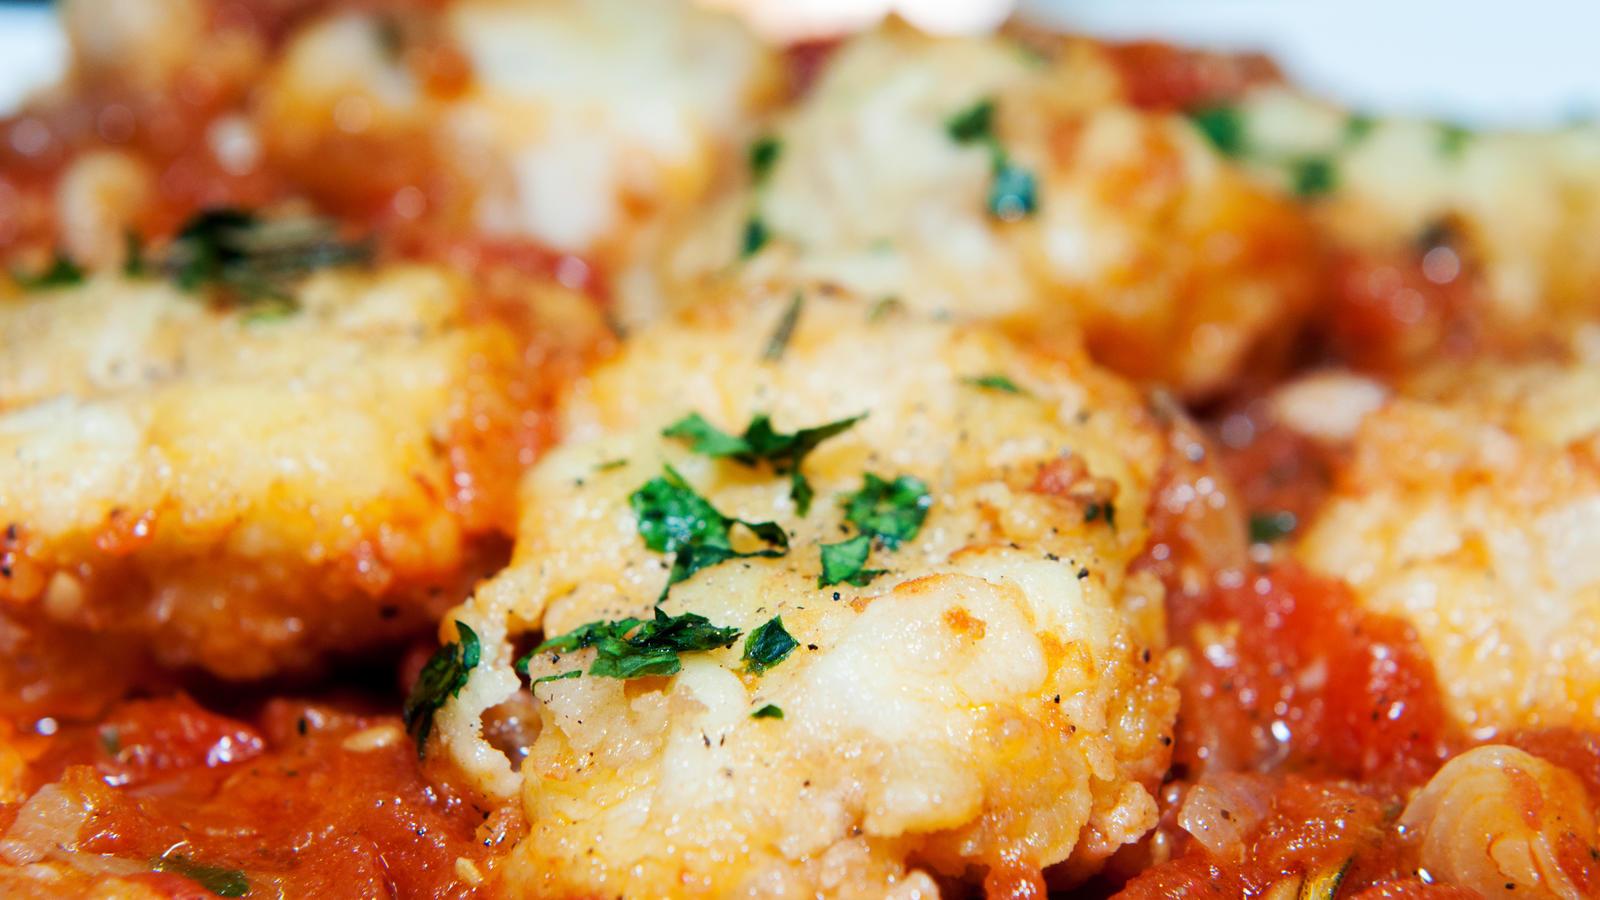 Good Food Uktv Recipes